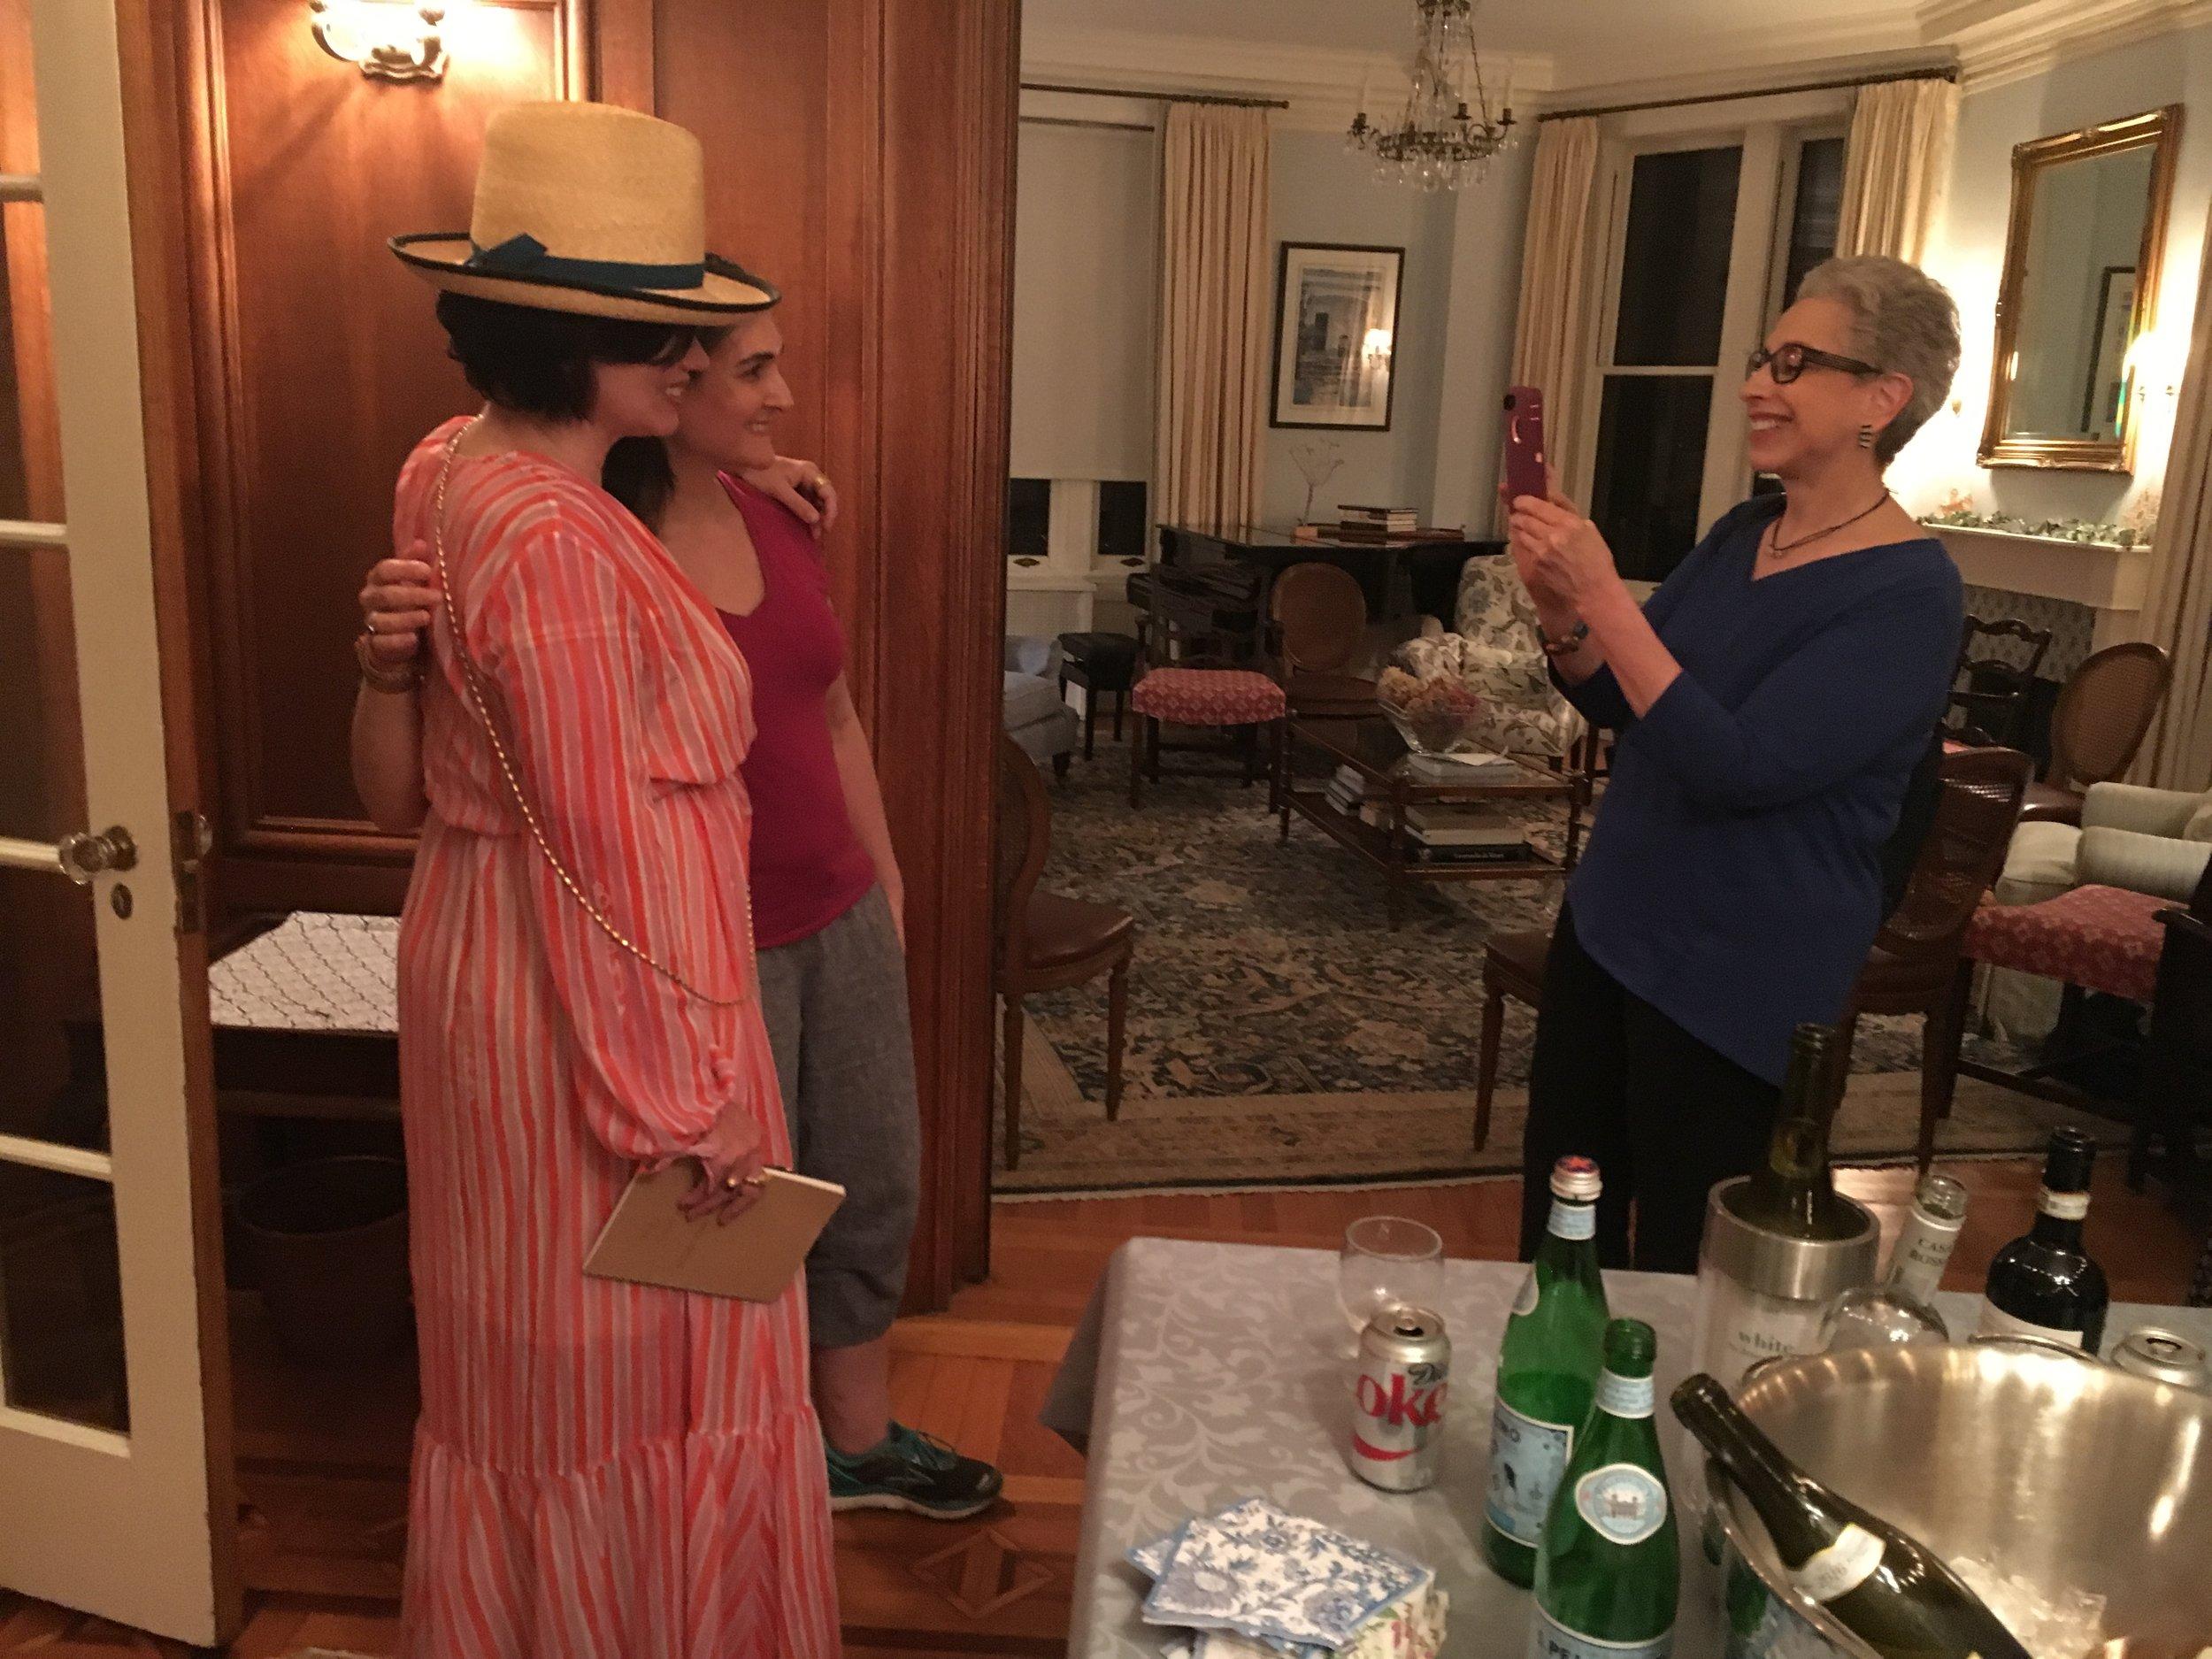 Karen Duffy (BACKBONE) poses with a fan